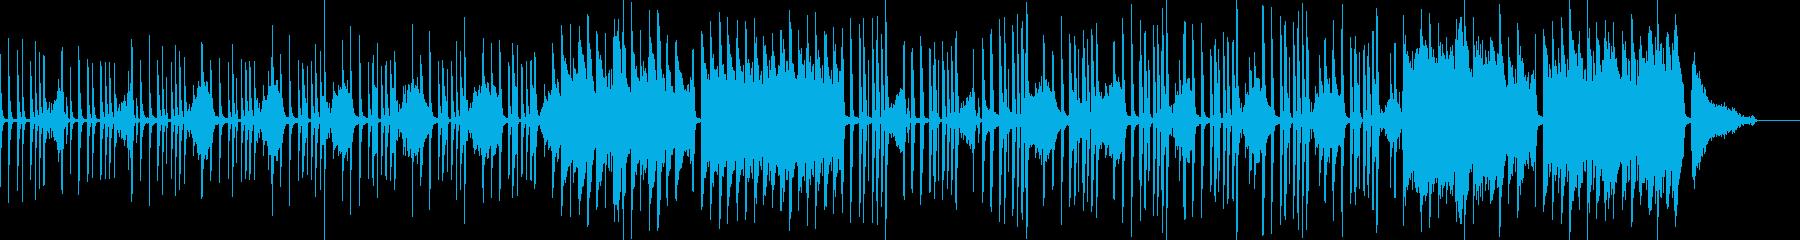 マヌケシーンを演出・トランペット有 D2の再生済みの波形